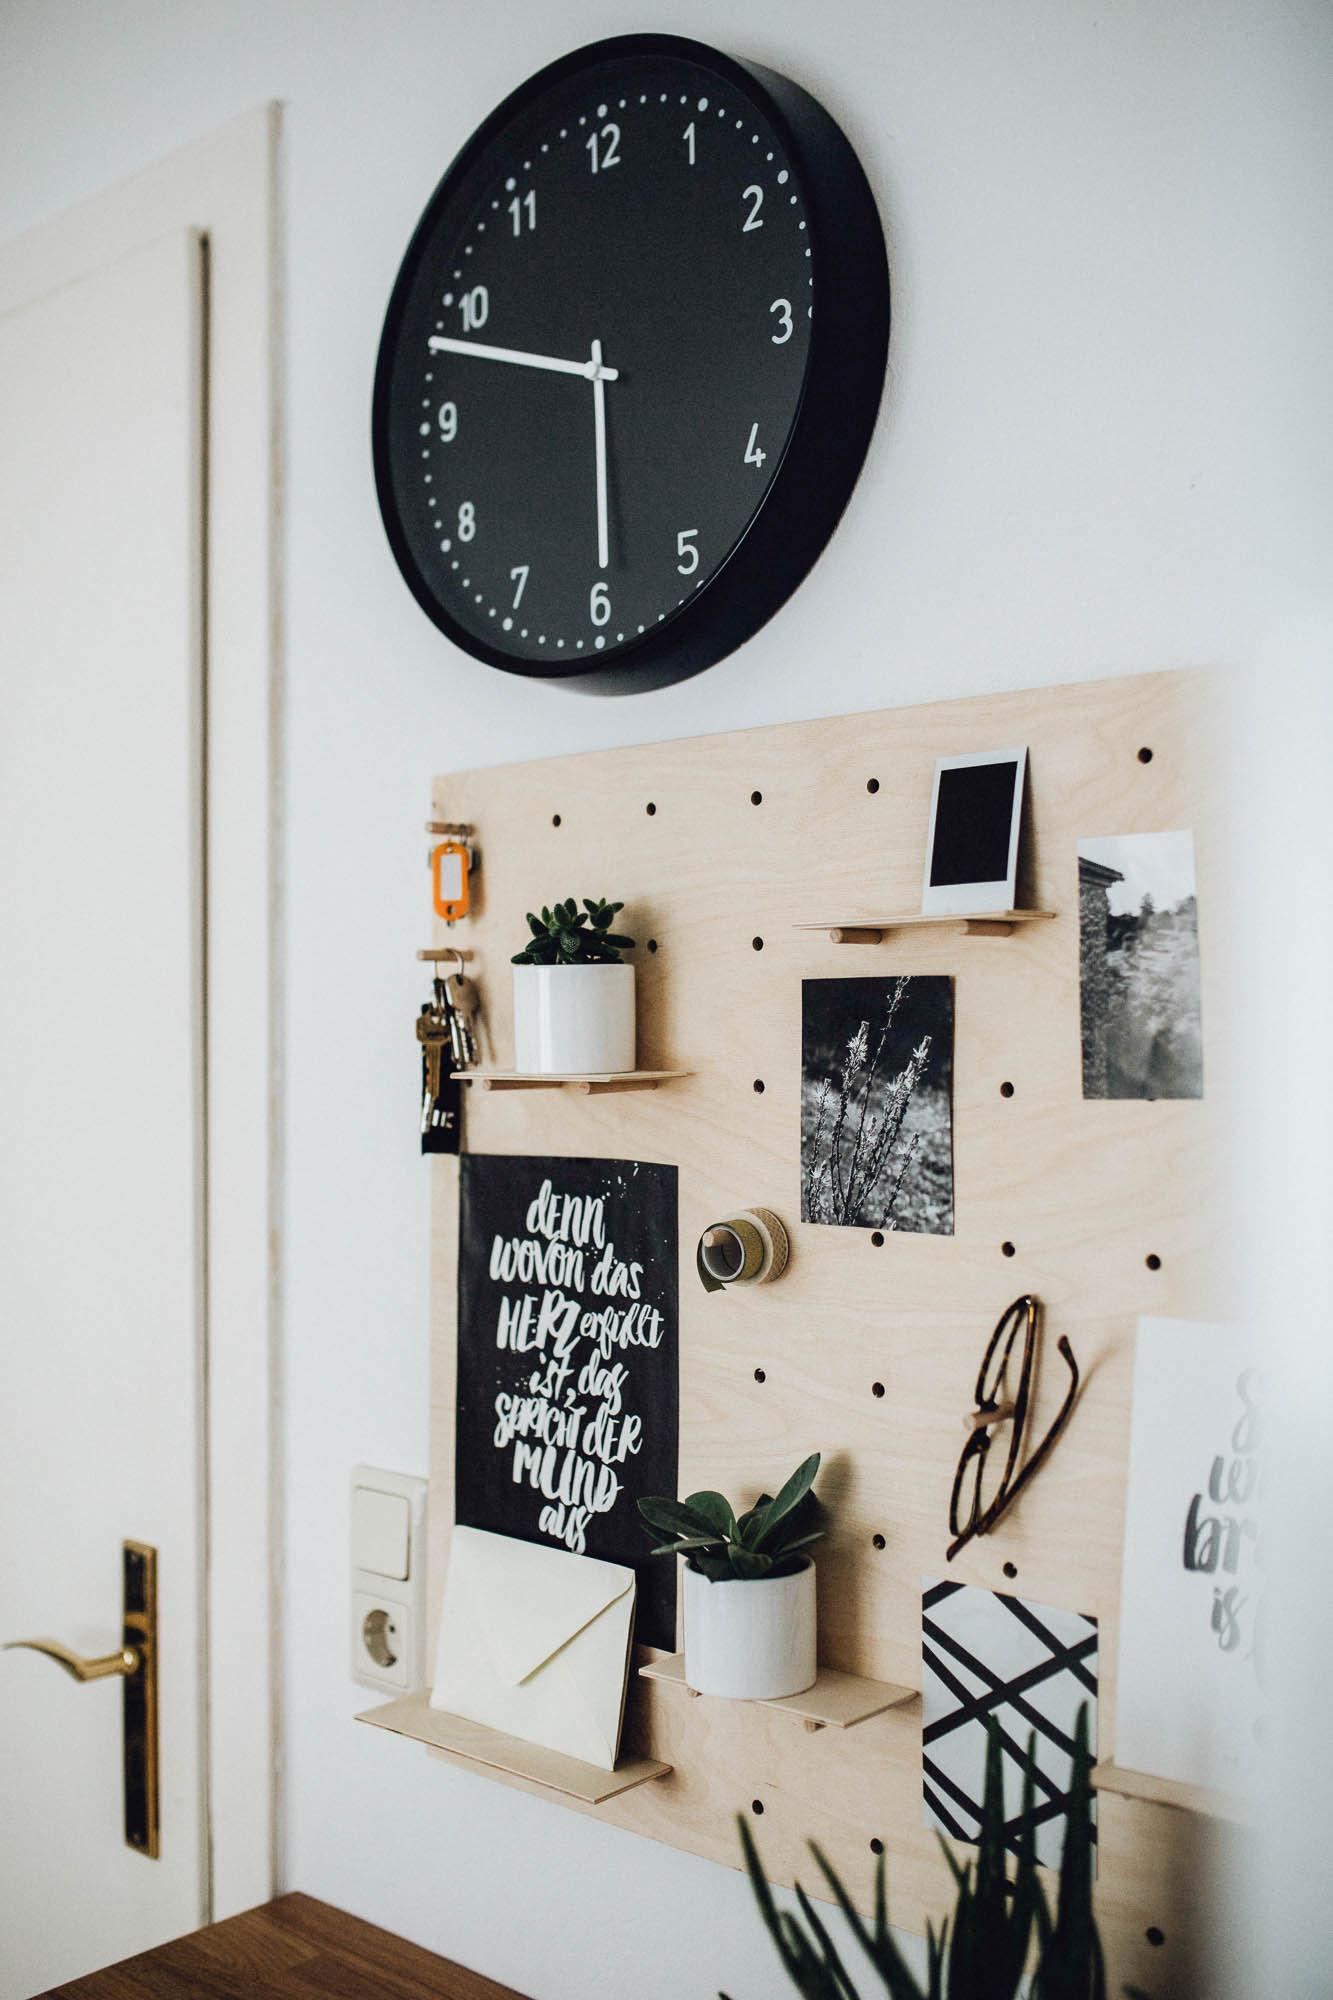 also lass dich inspirieren und werd kreativ aber bleib dir treu mach nur sachen die auch wirklich zu dir passen hab einfach spa - Ikea Bewerbung